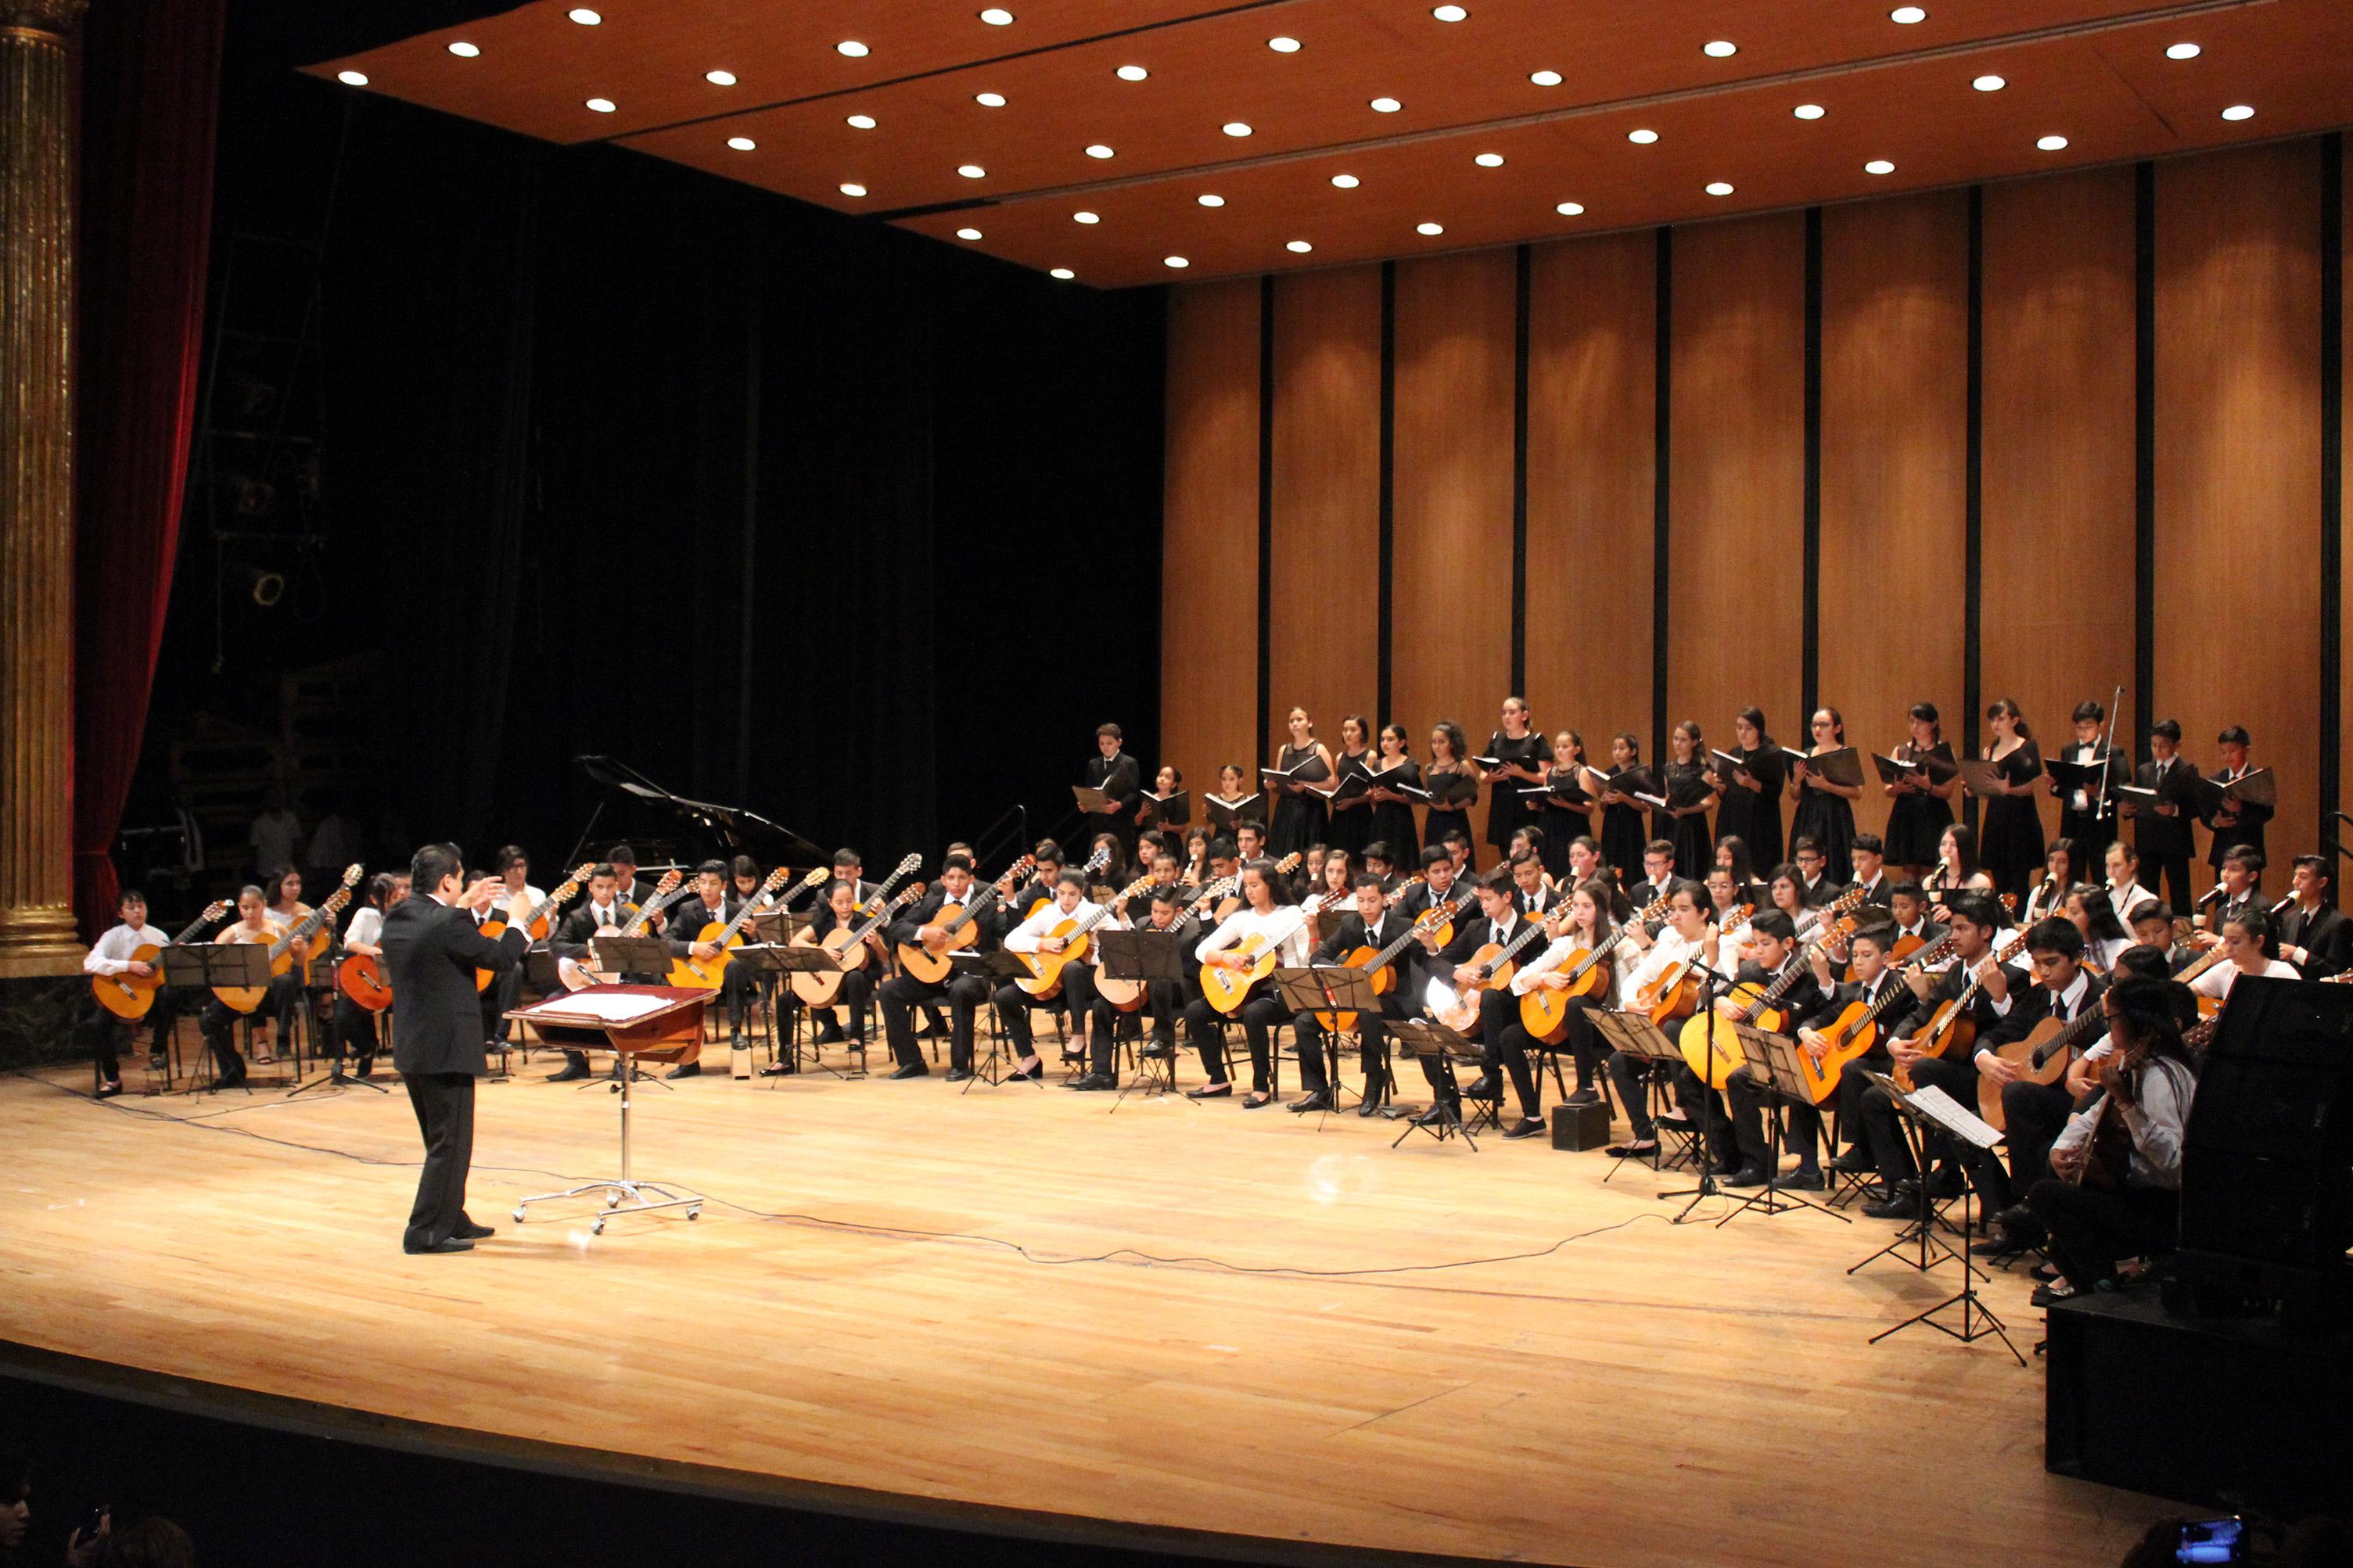 El Ensamble ECOS de Flautas de Pico y Guitarras se presentó en el Teatro Degollado